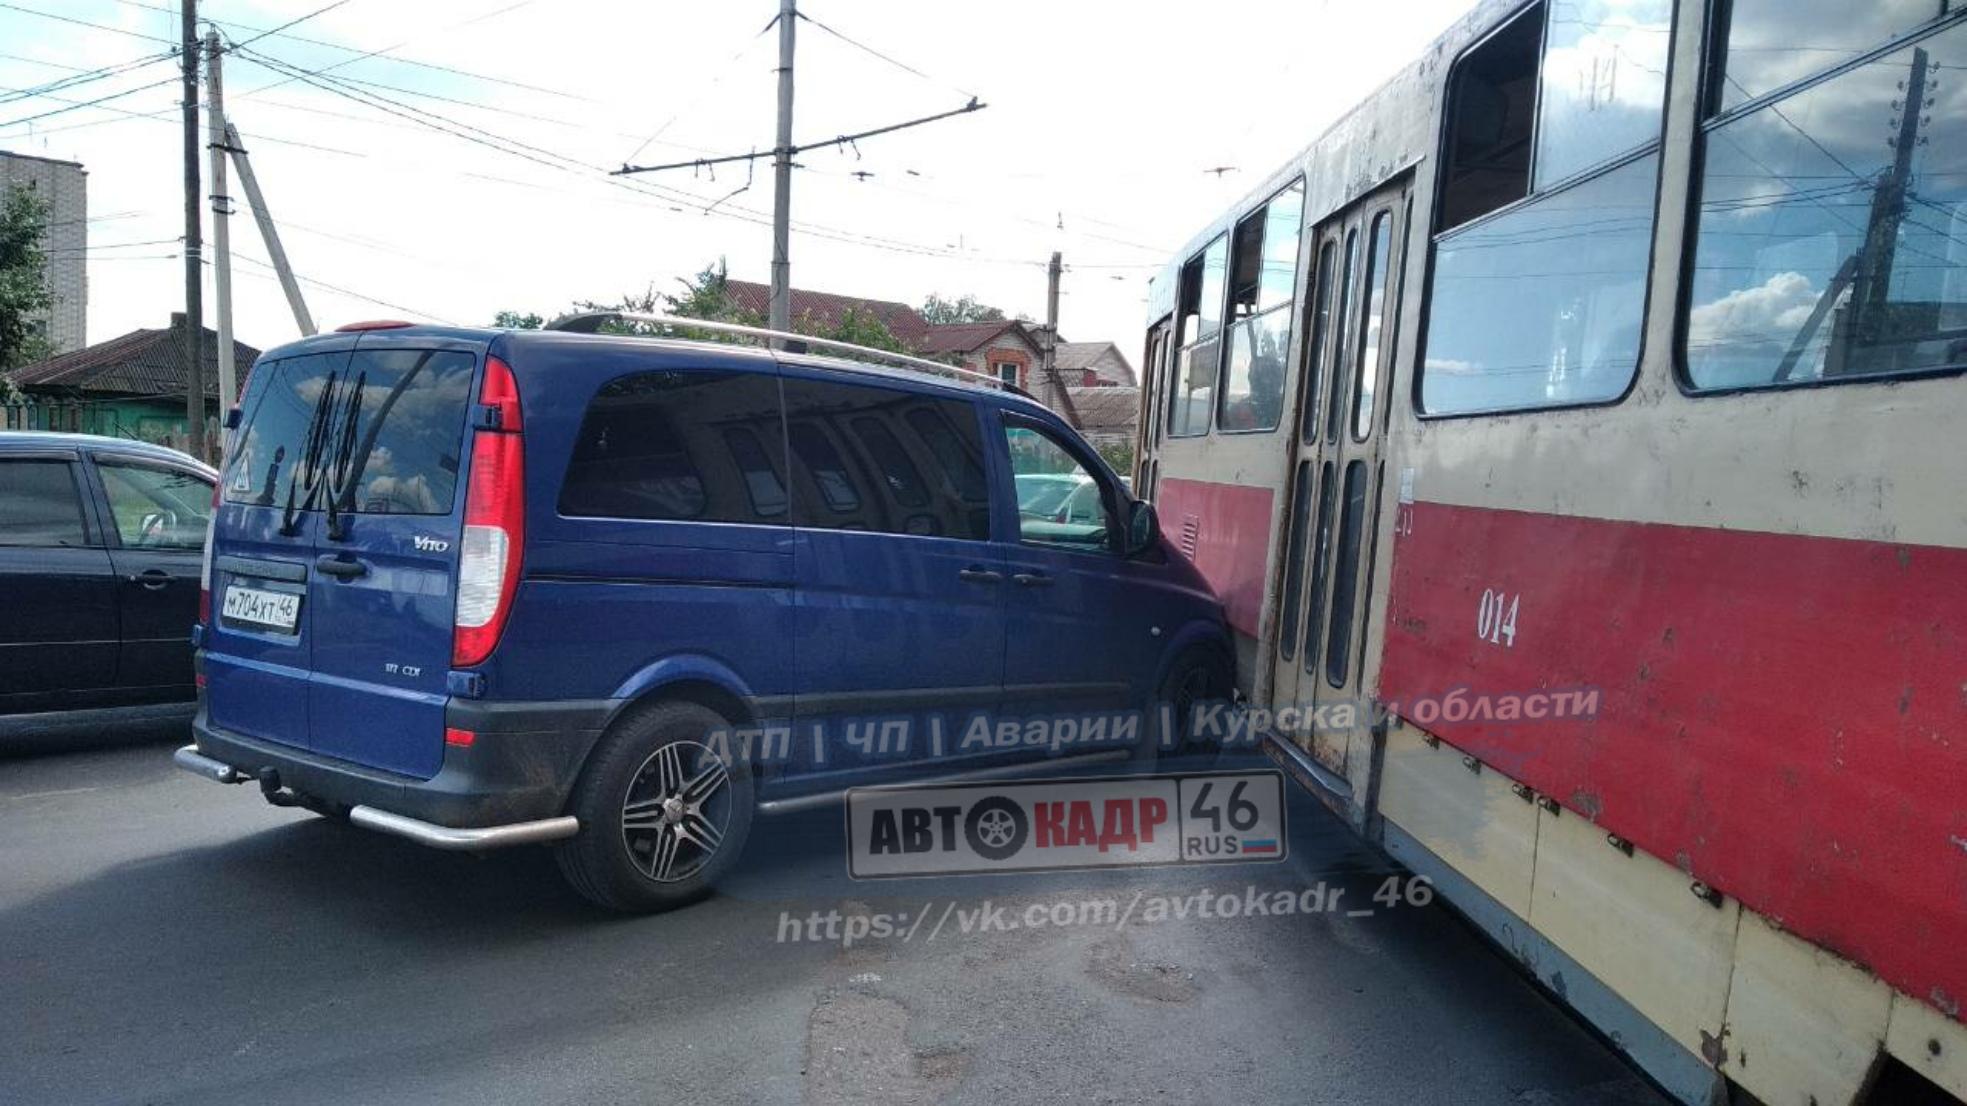 В Железнодорожном округе минивэн врезался в трамвай